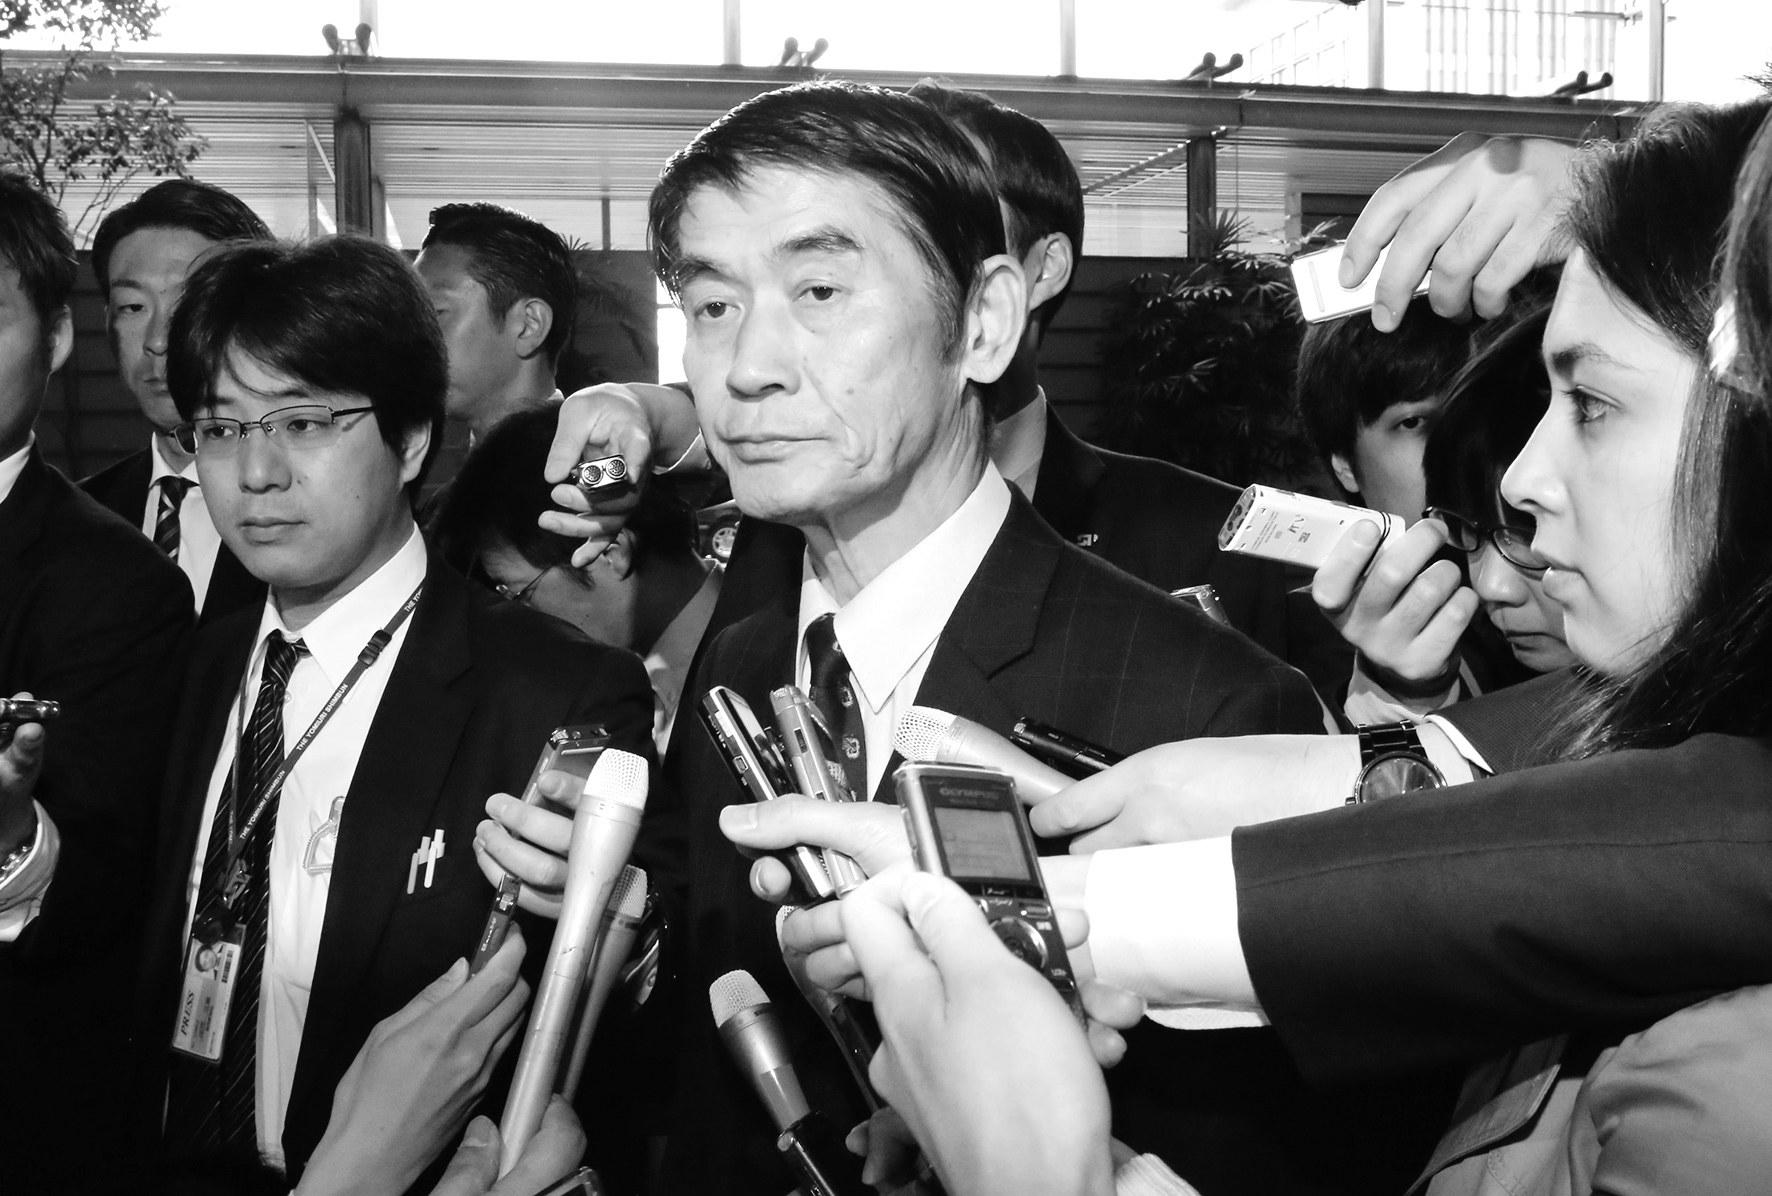 日复兴大臣轻视灾民引咎辞职,国内舆论直指安倍内阁